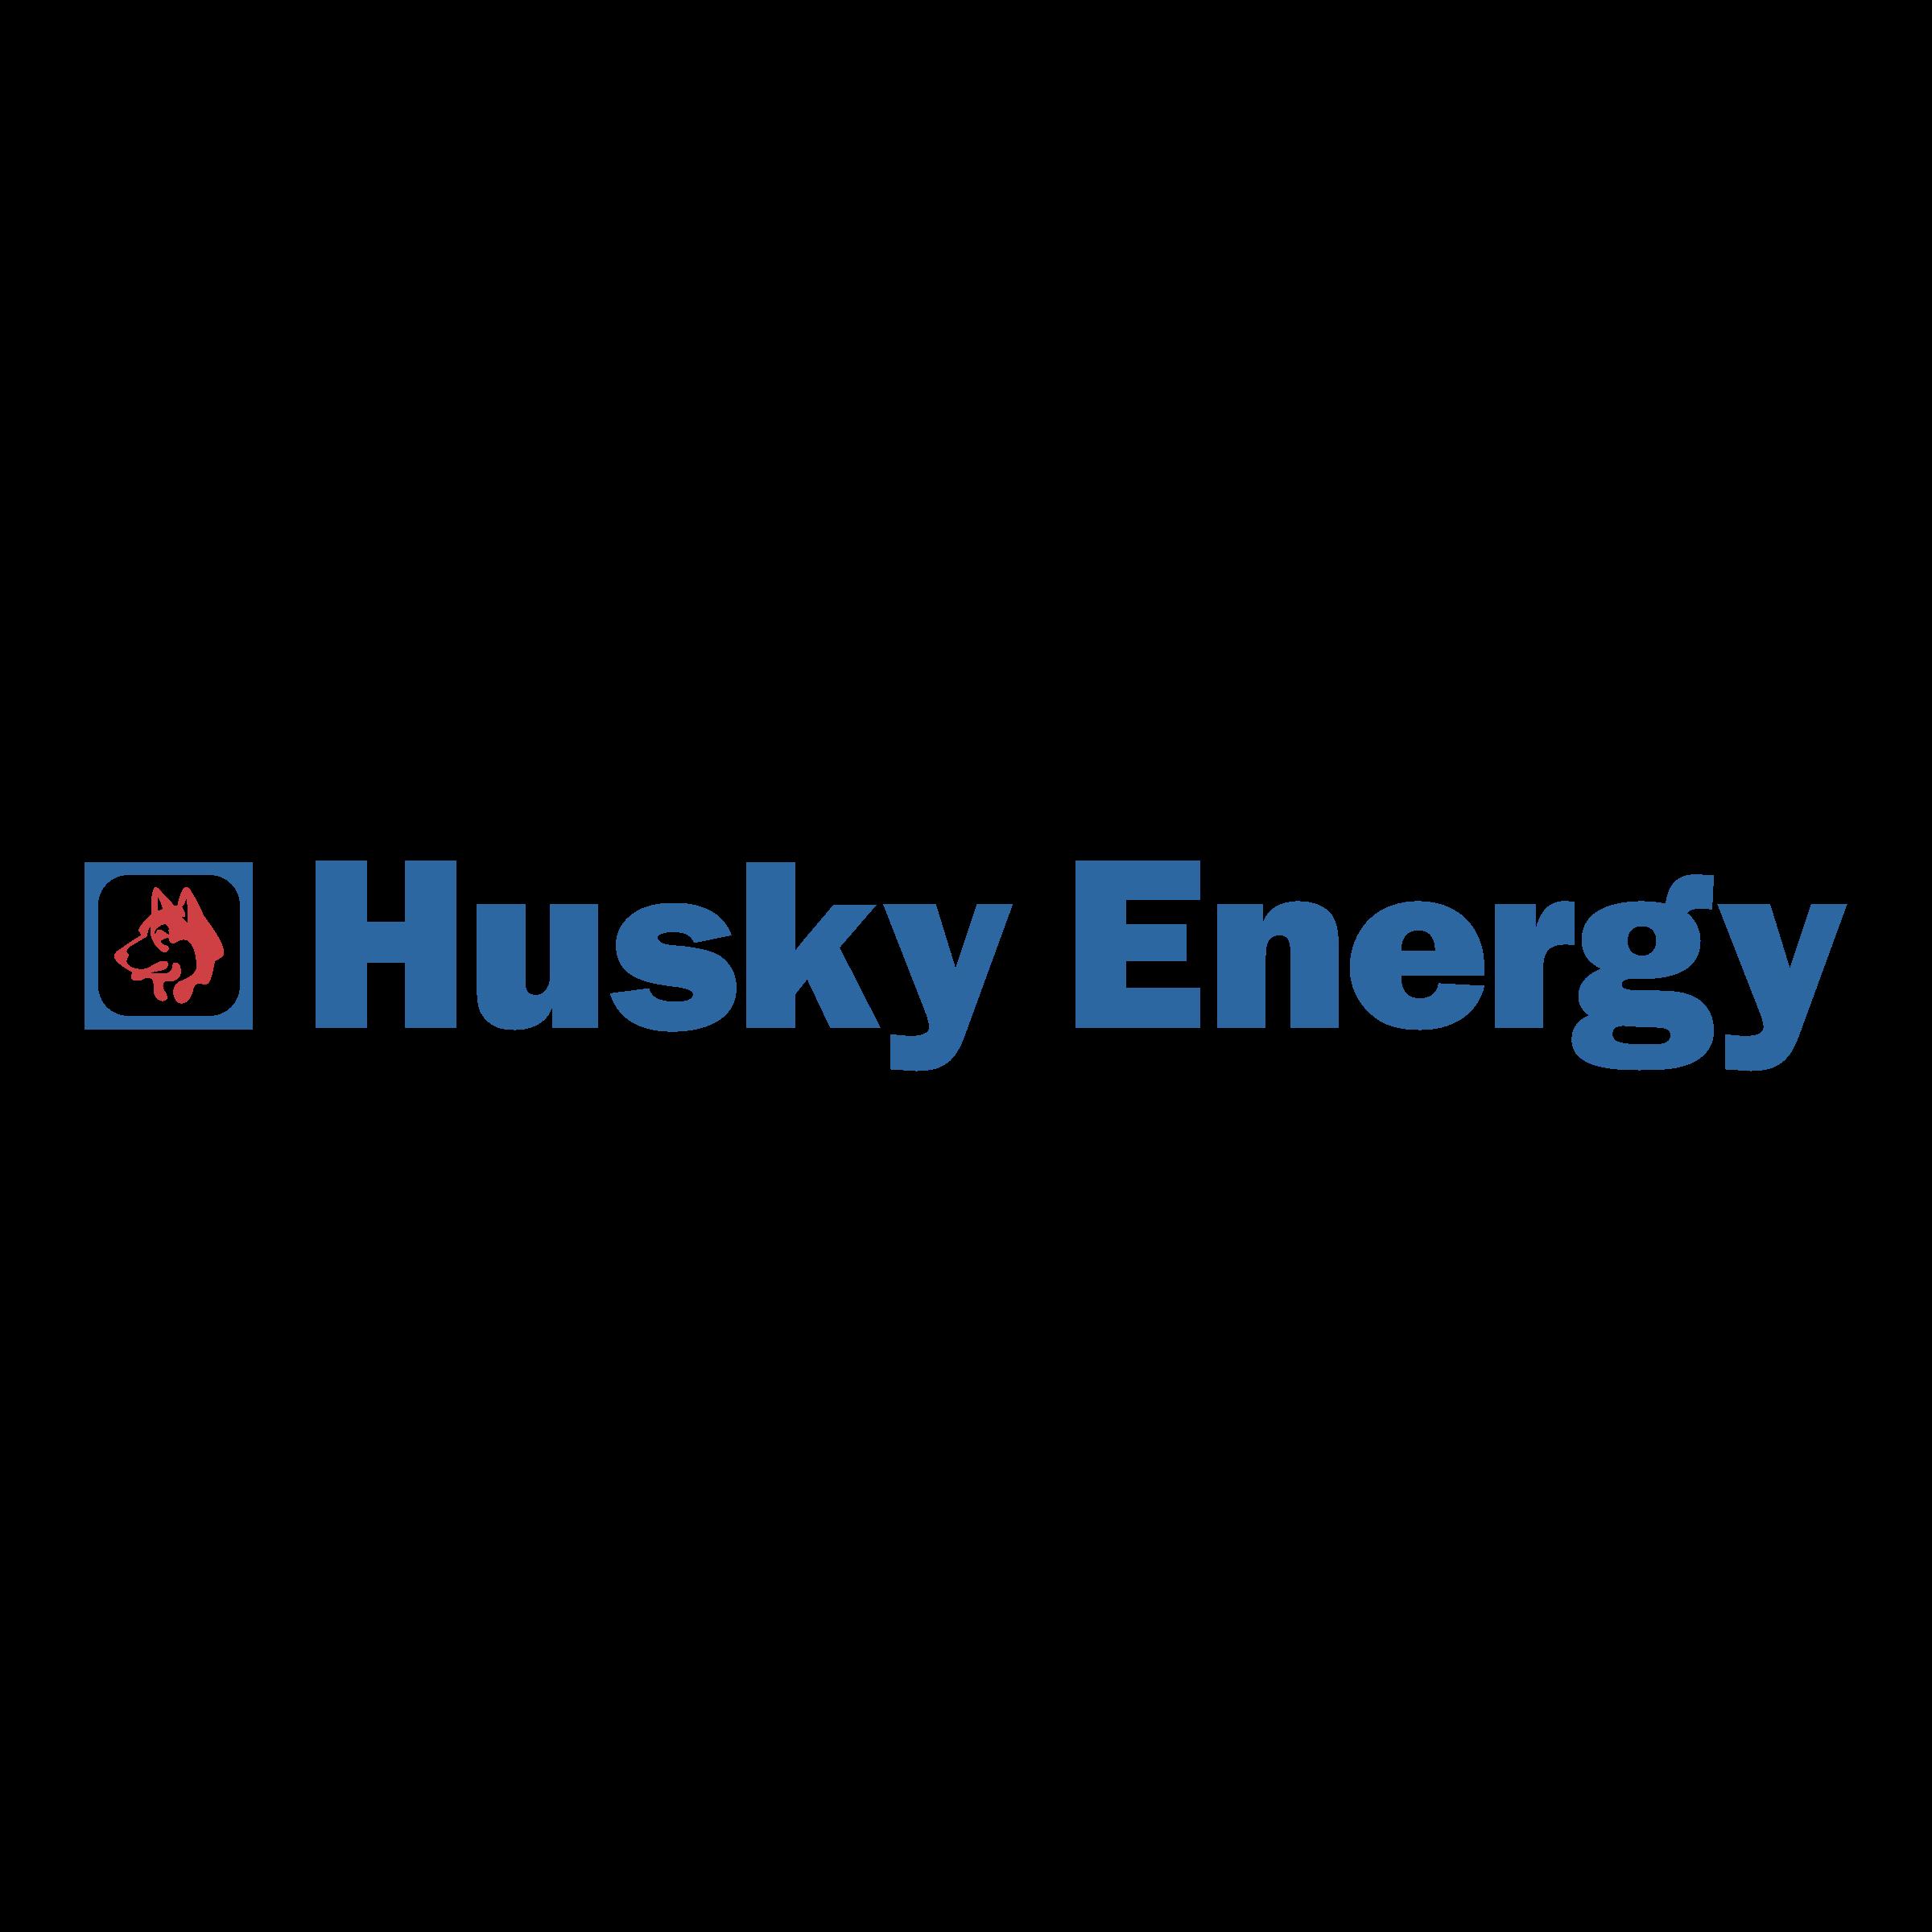 Husky Energy